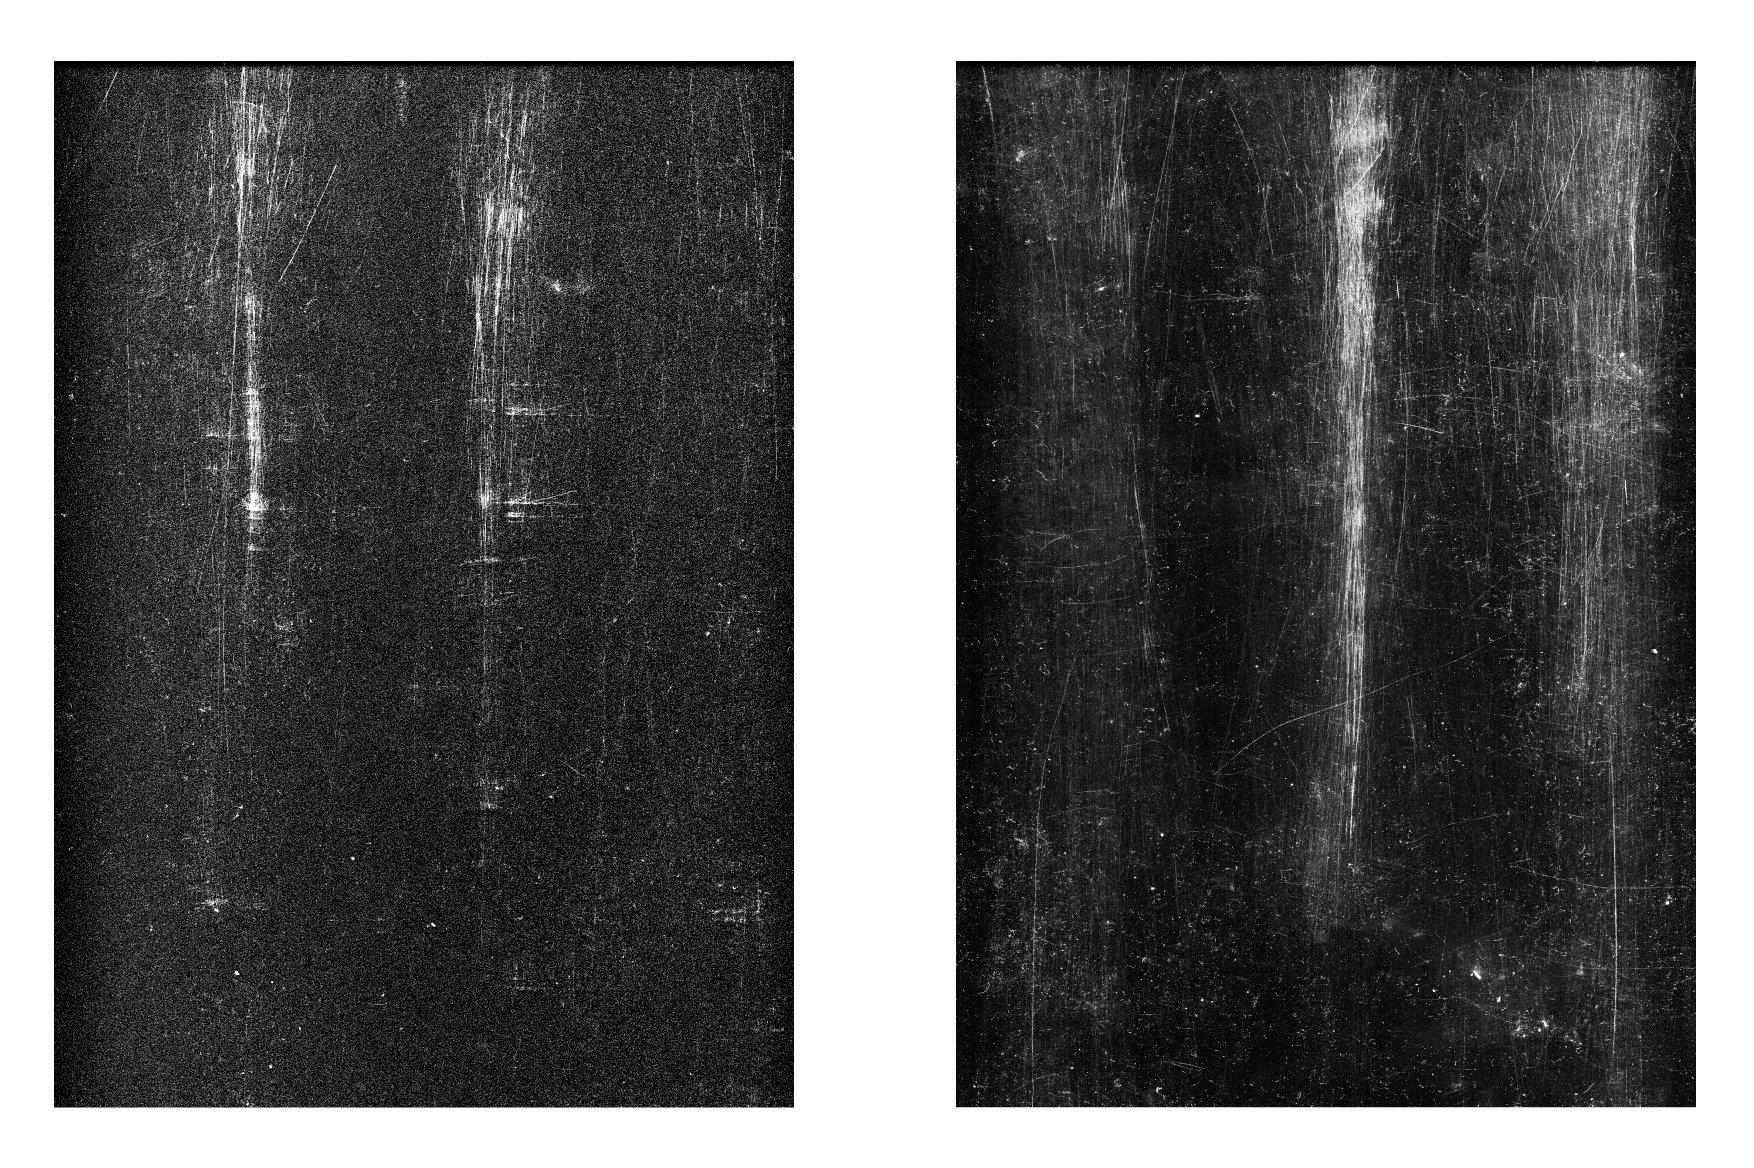 156款复古做旧折痕磨损褶皱纸张背景纹理素材合集 The Grunge Texture Bundle Vol. 1插图(57)